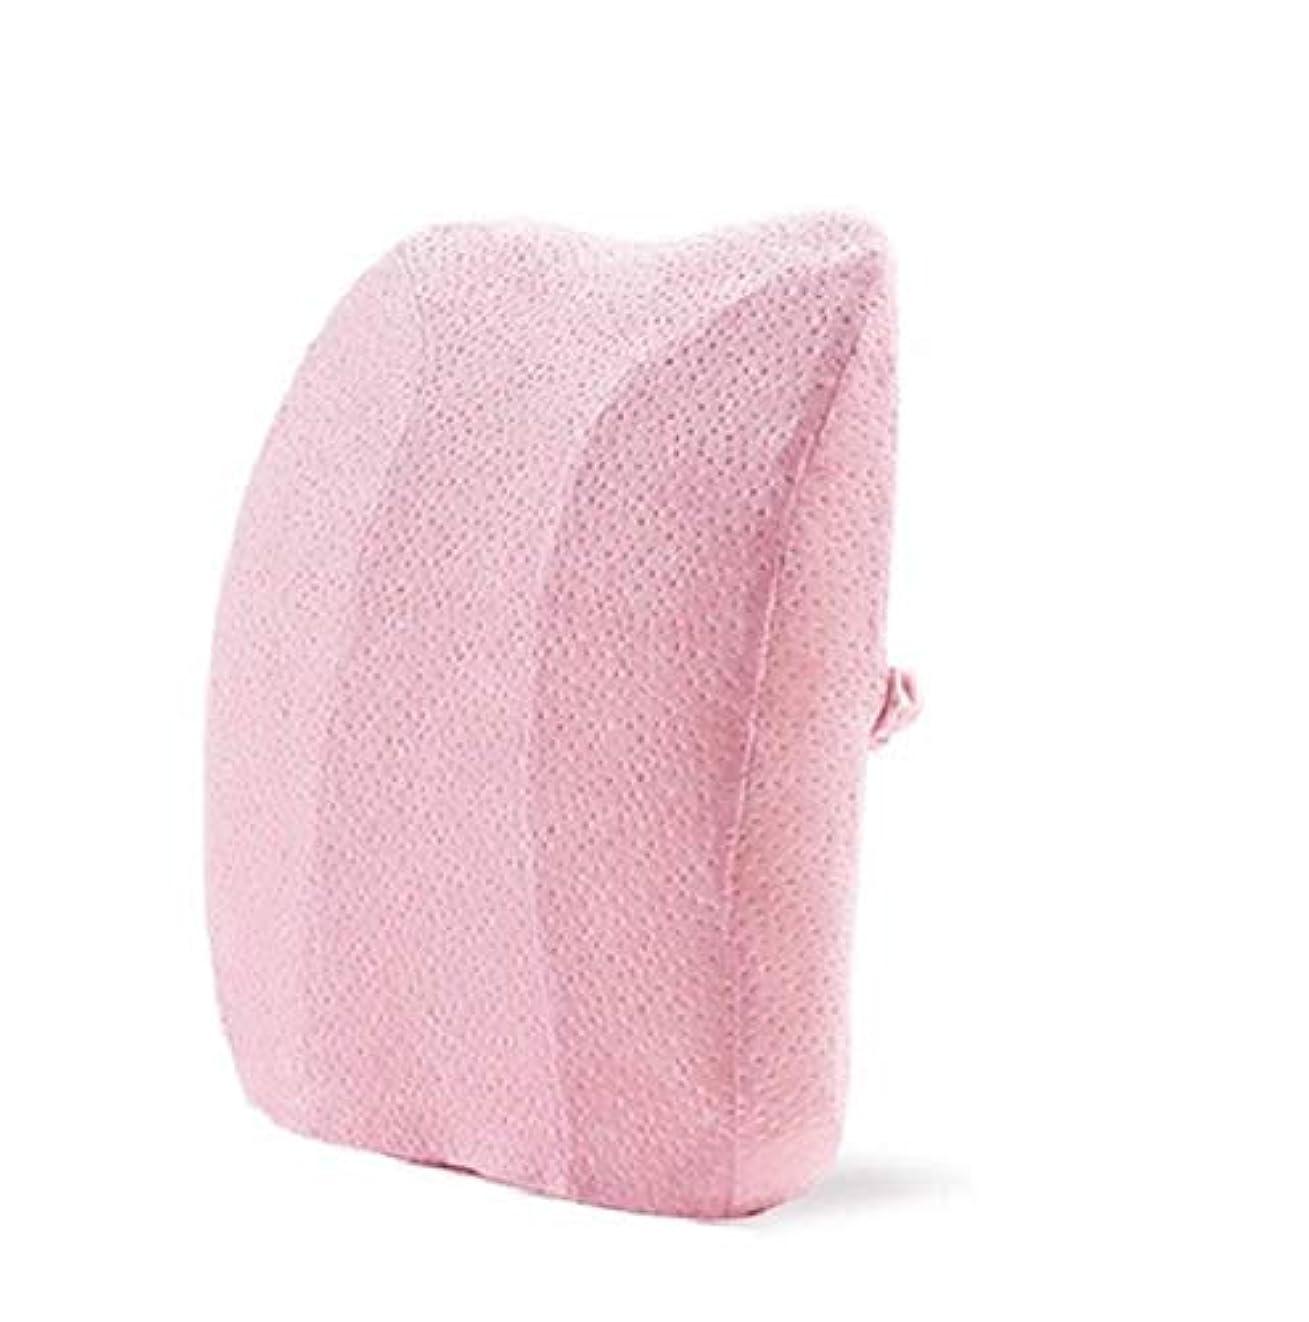 貫通する共和国人類サポート腰椎枕メモリ綿肥厚腰椎枕低速リバウンド枕コアオフィスシートベルト腰椎枕